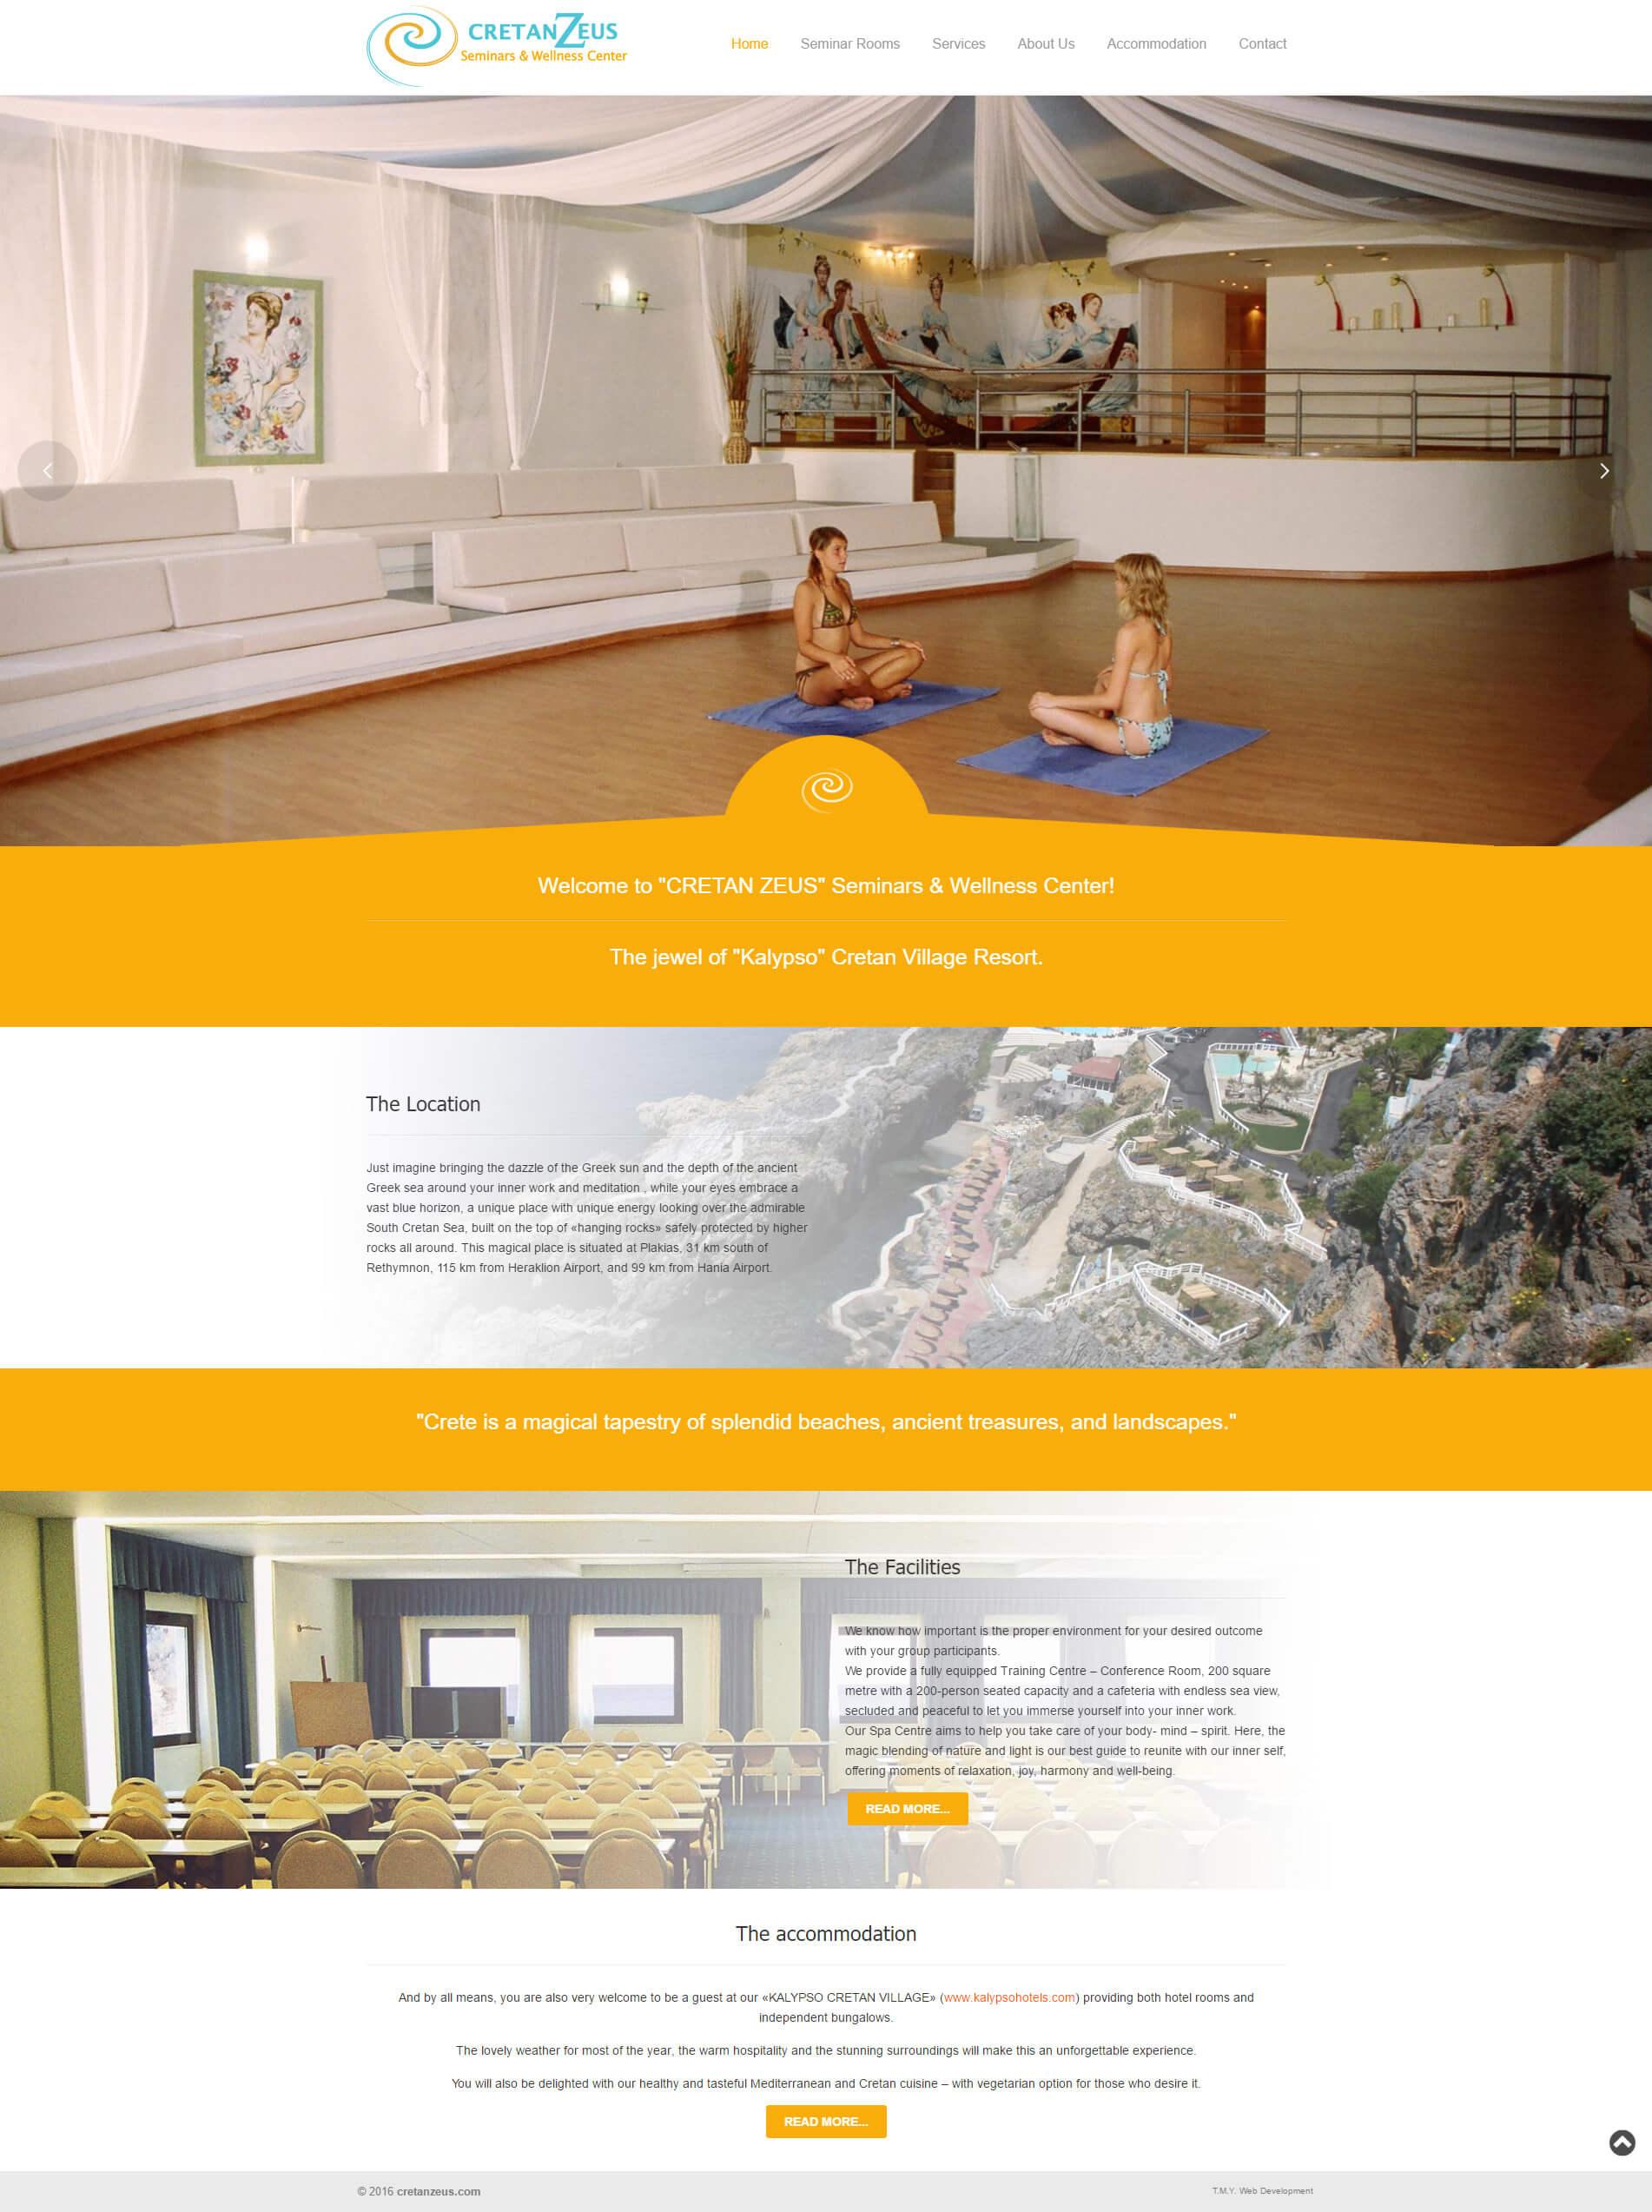 Cretan Zeus Homepage